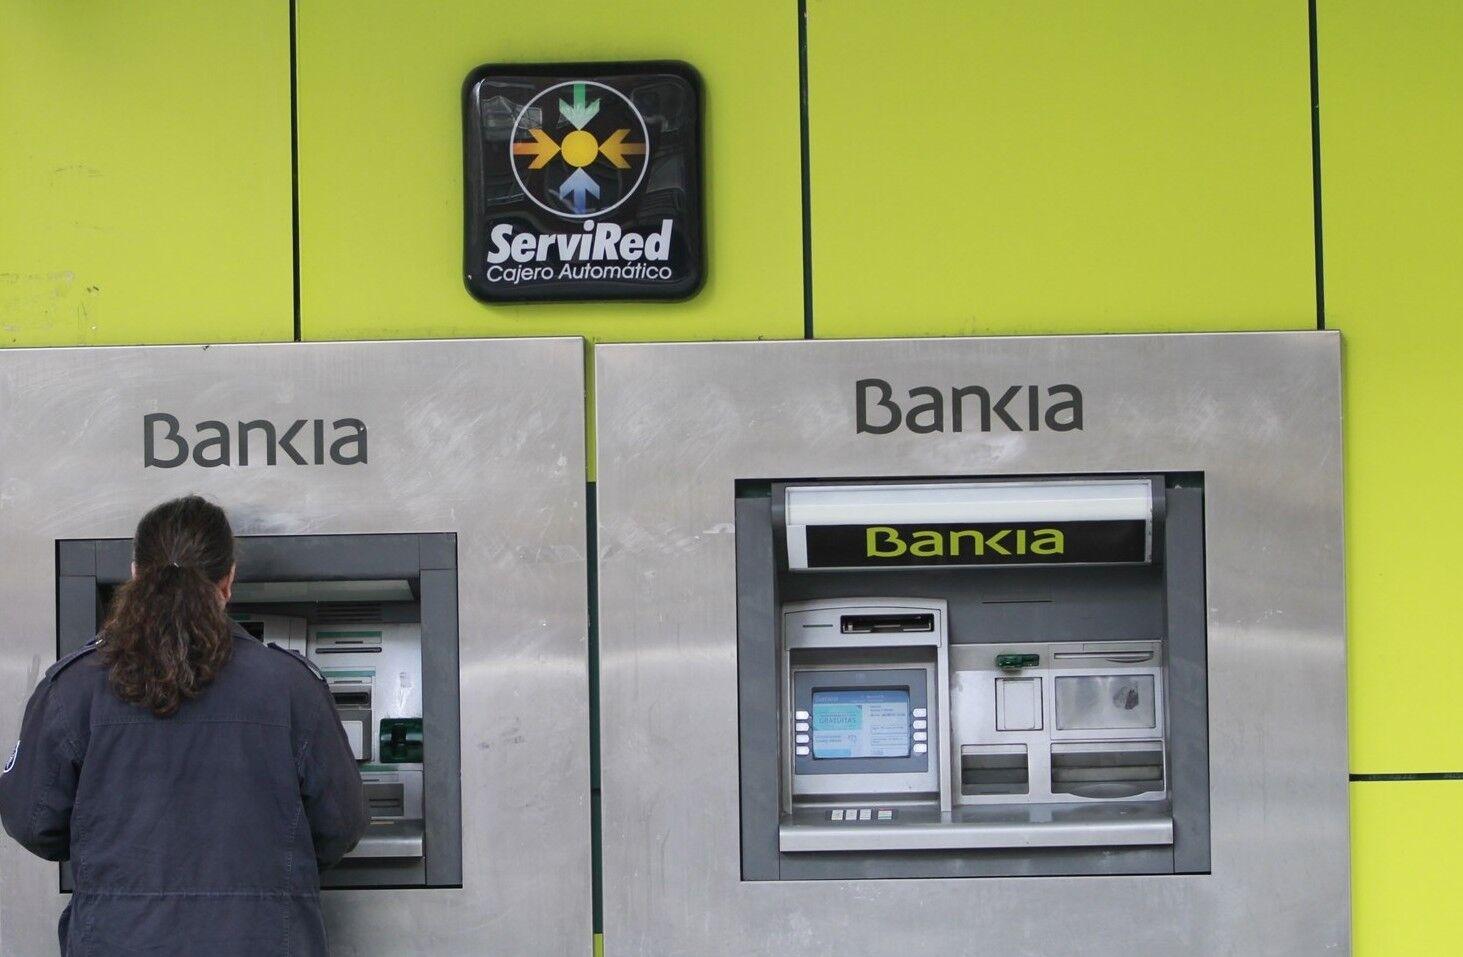 Los clientes de ing podr n sacar dinero gratis de los for Cajeros santander para ingresar dinero